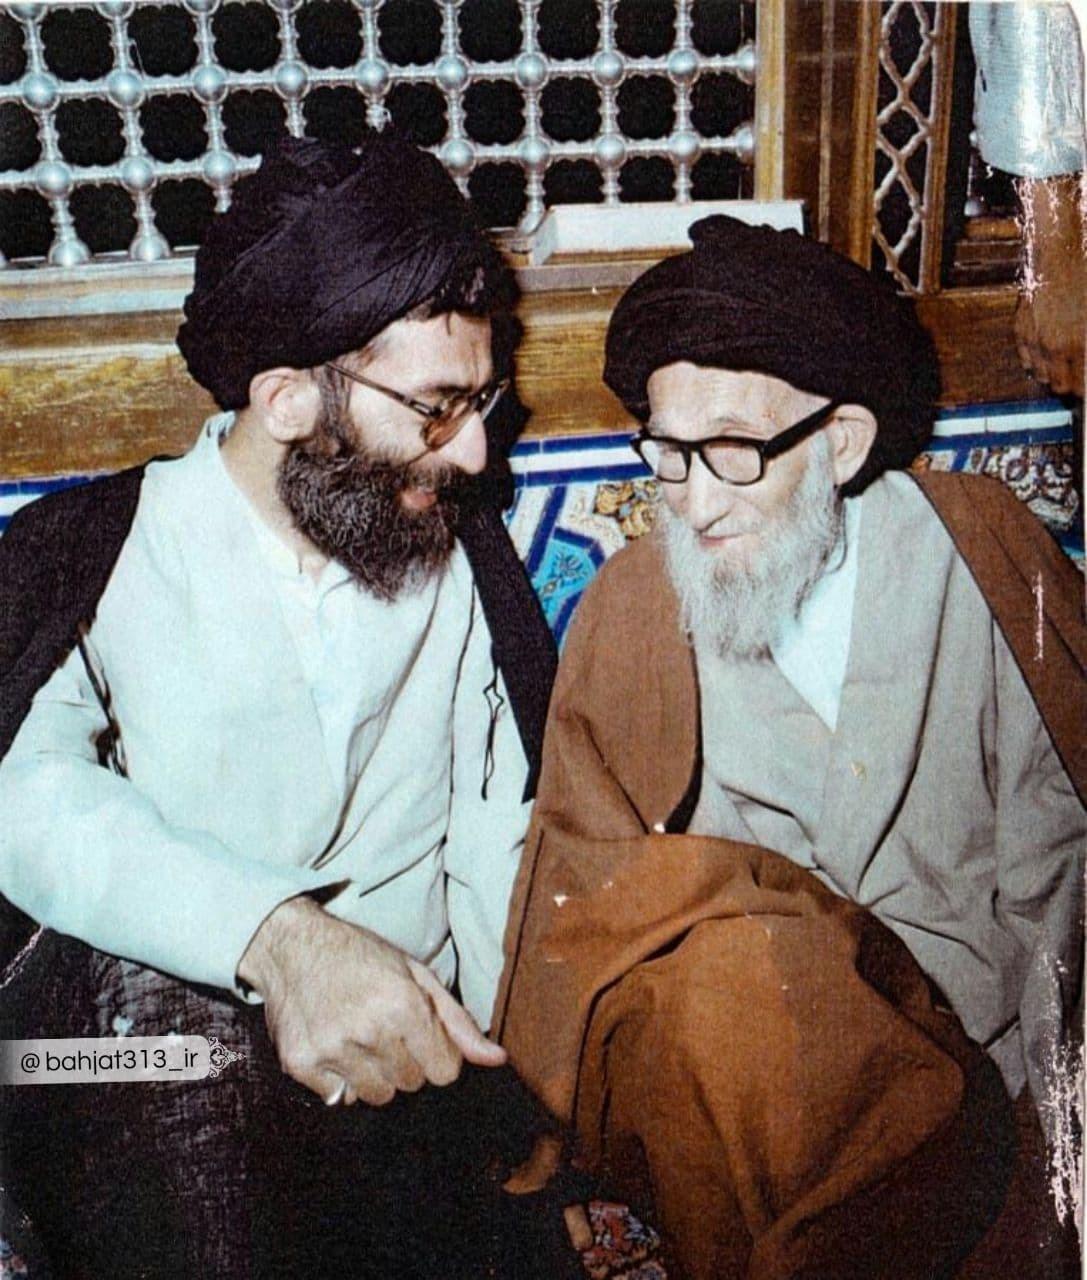 تصویری از رهبر انقلاب در کنار پدرشان